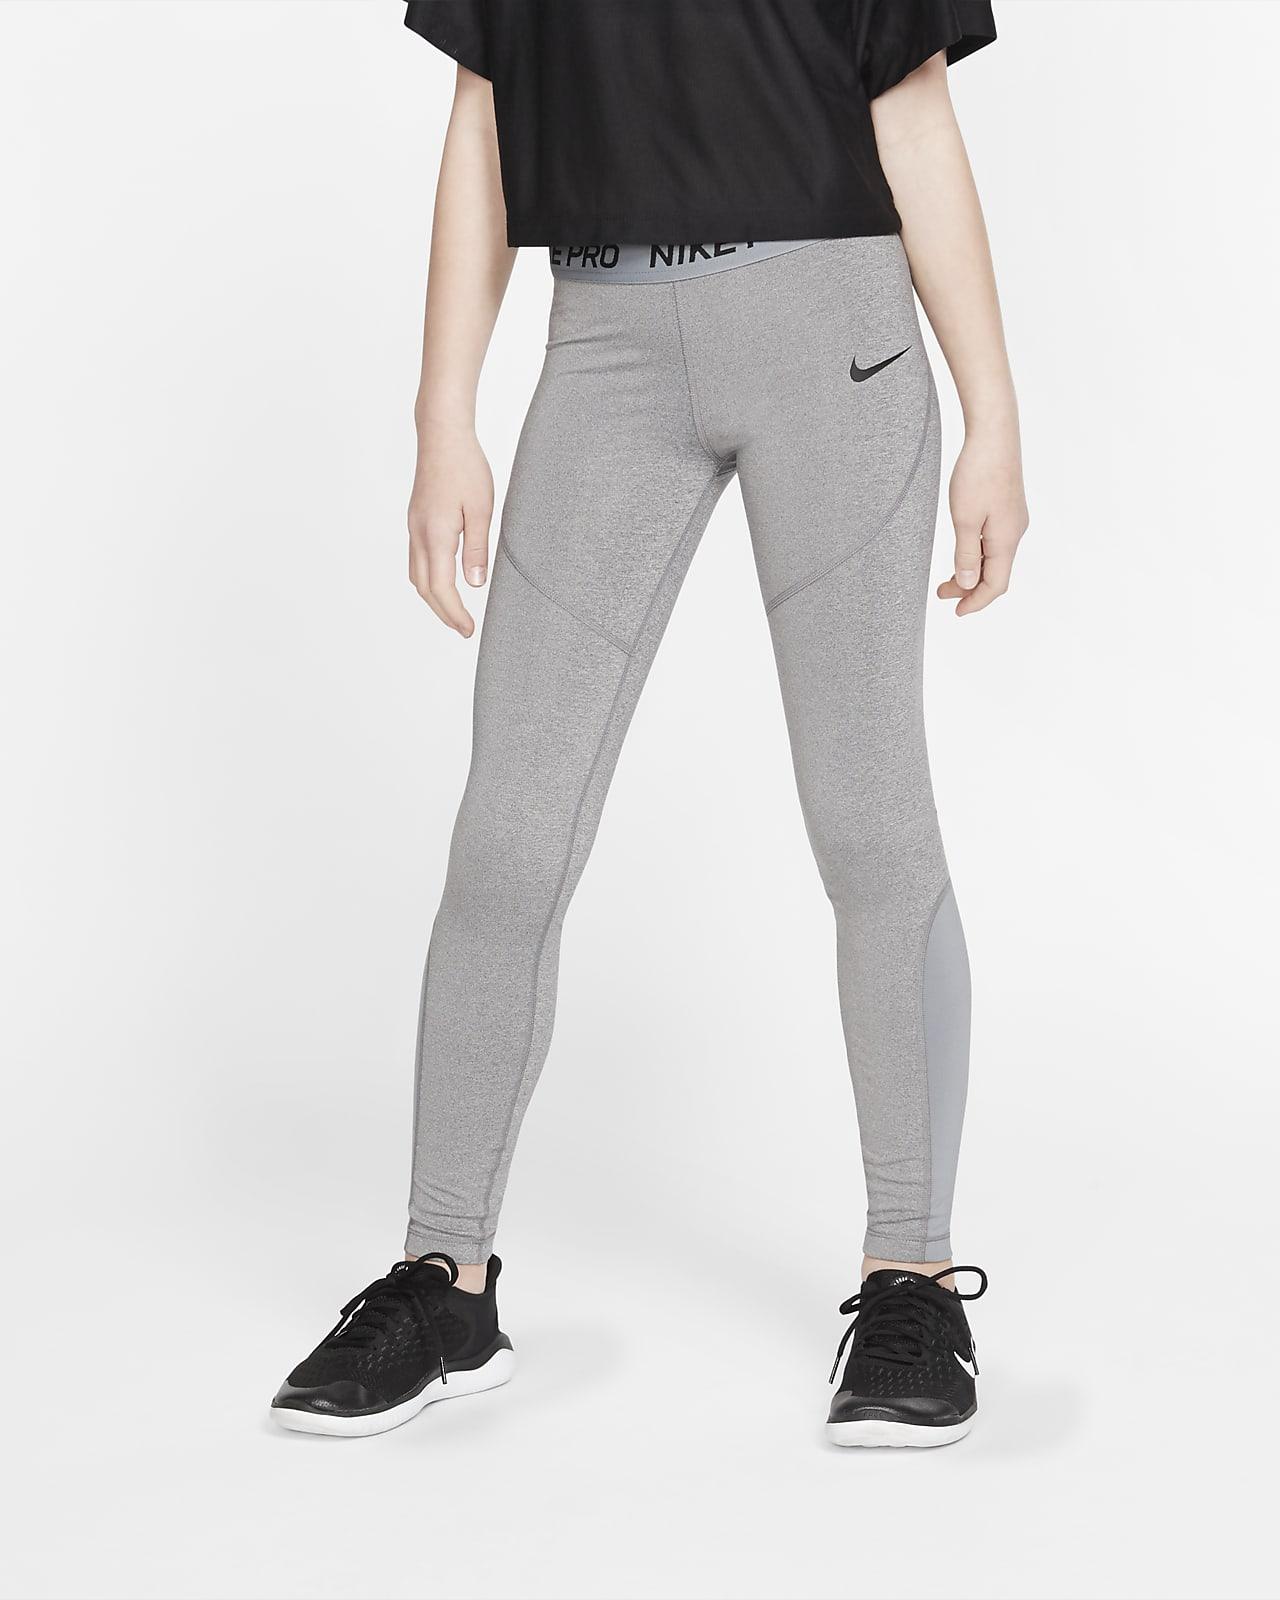 Nike Pro Older Kids' (Girls') Tights